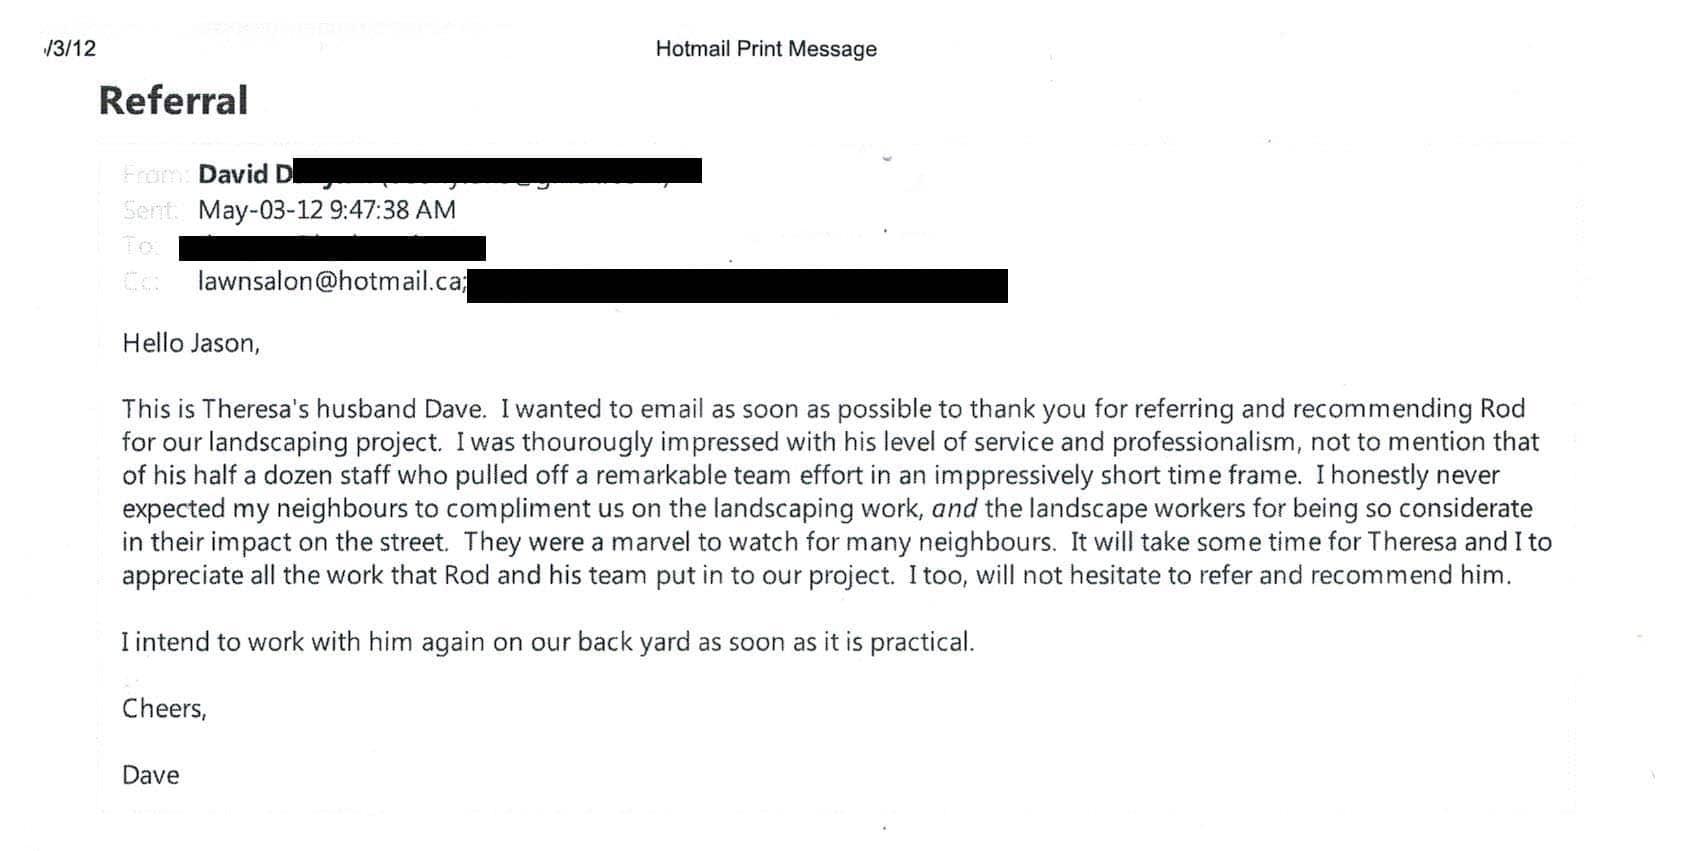 David, May 3, 2012